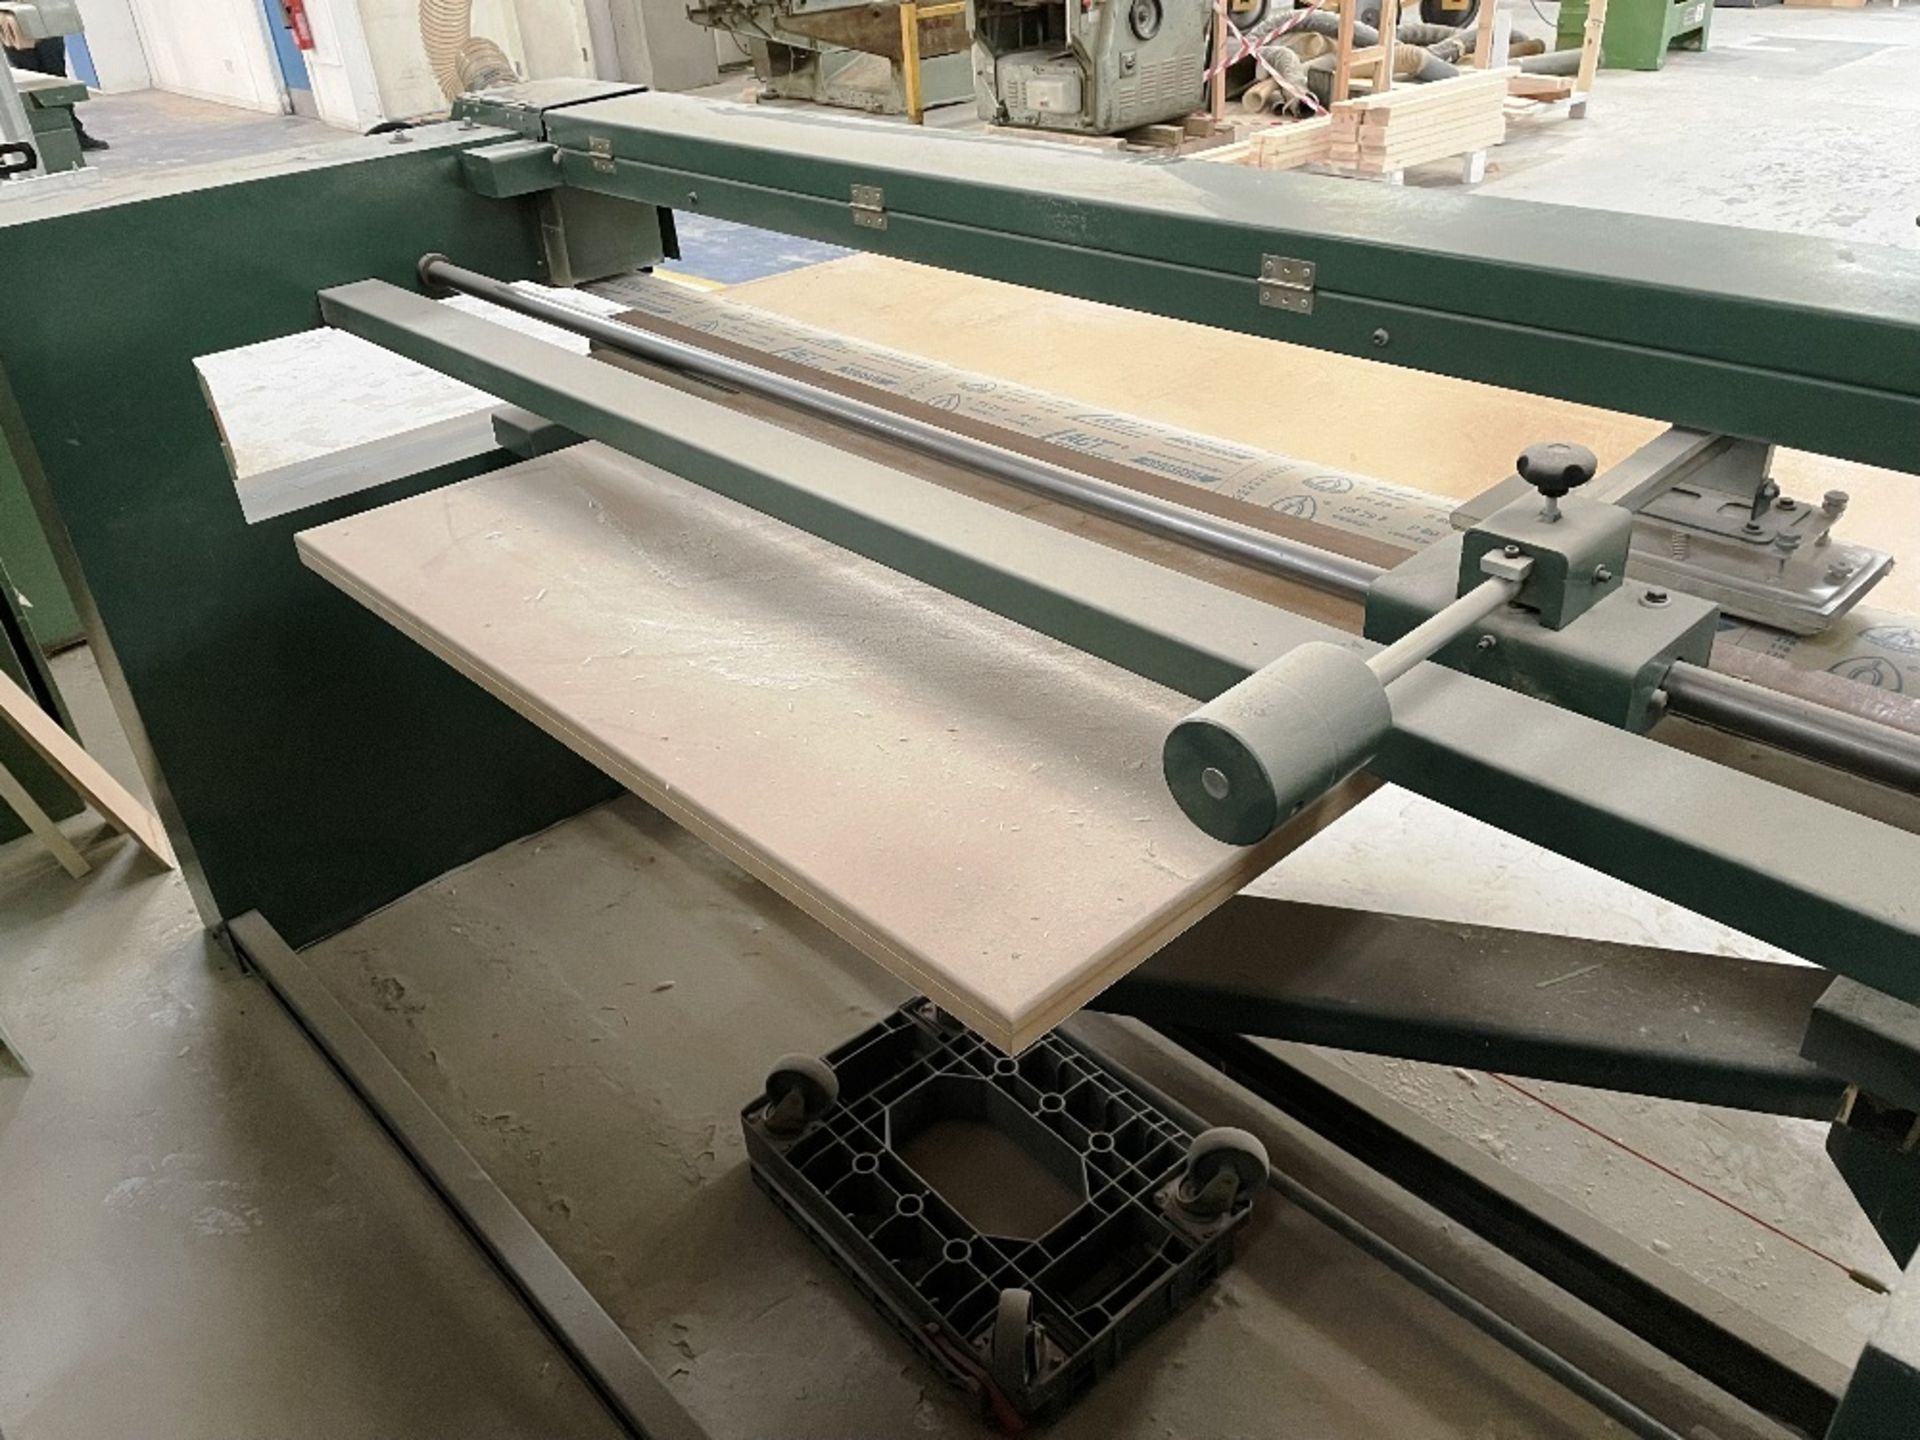 Felder FS 2200 Belt Sander w/ Spare Sanding Belts & Pads - Image 5 of 13